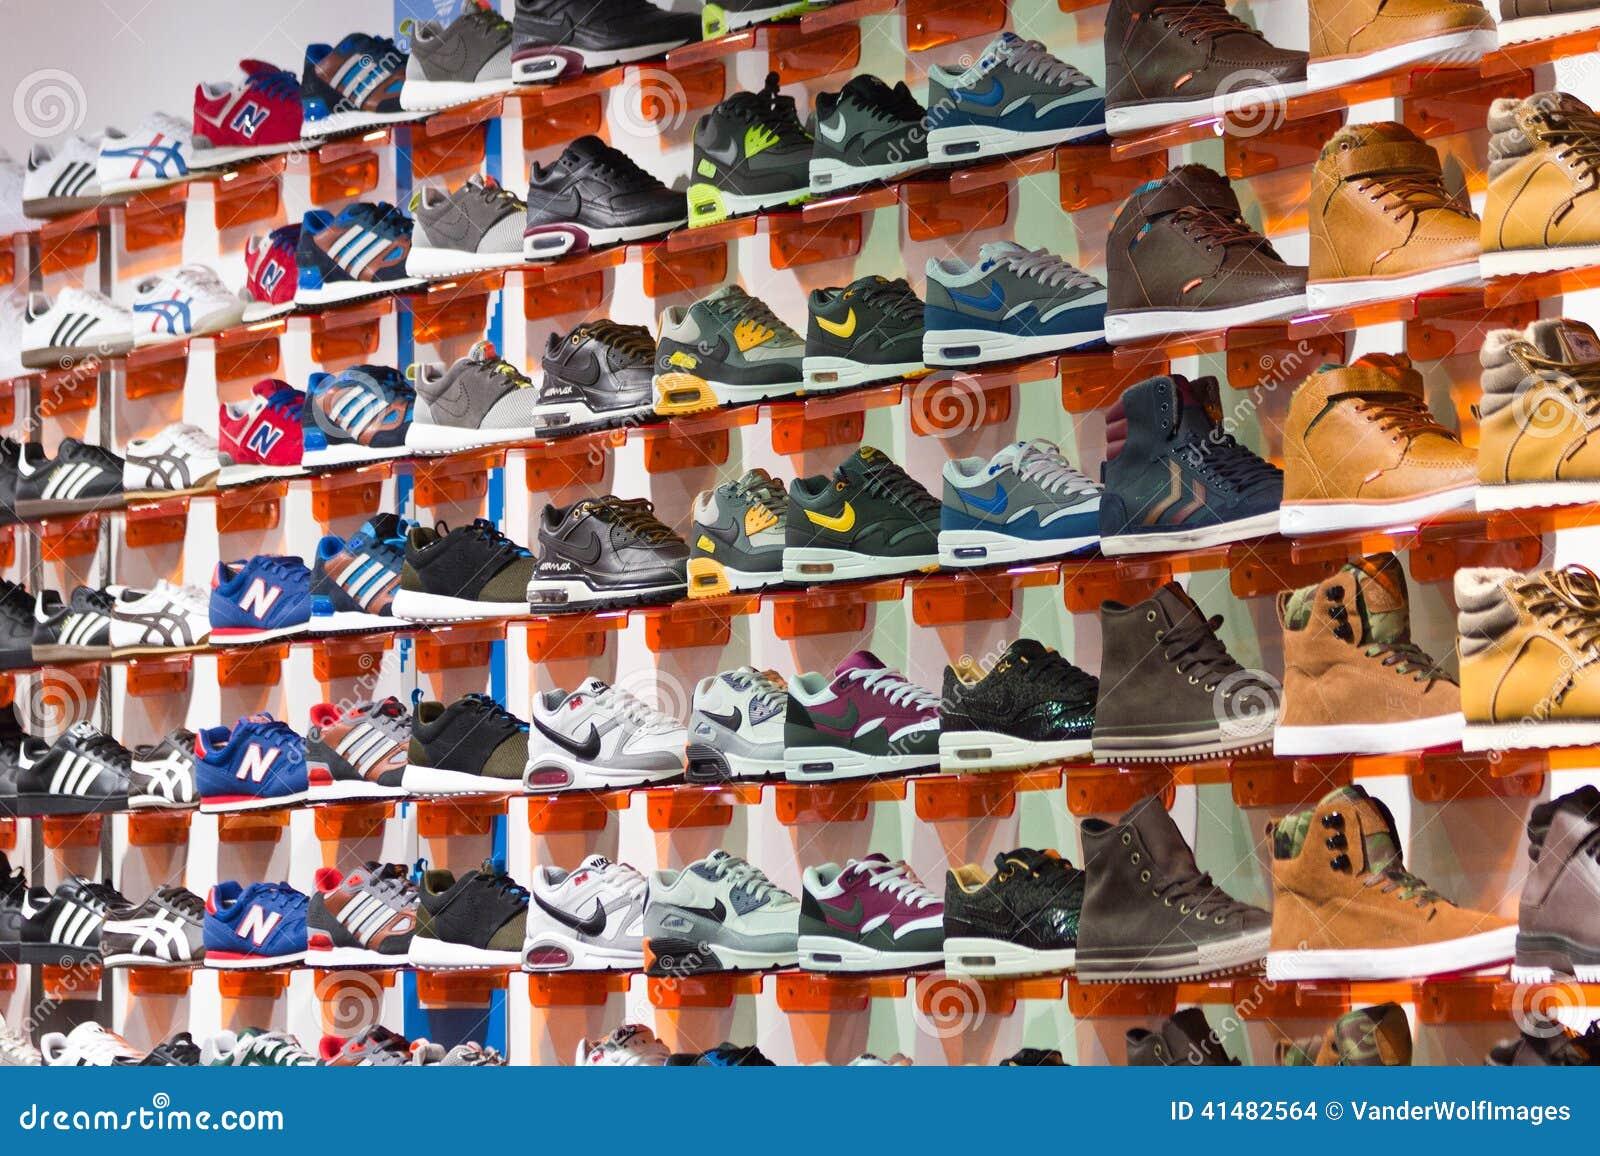 cb04e2e34ff39c COLOGNE, ALLEMAGNE - 21 DÉCEMBRE : Mur avec des chaussures de sport dans un  magasin de chaussures le 21 décembre 2014 dedans à Cologne, Allemagne